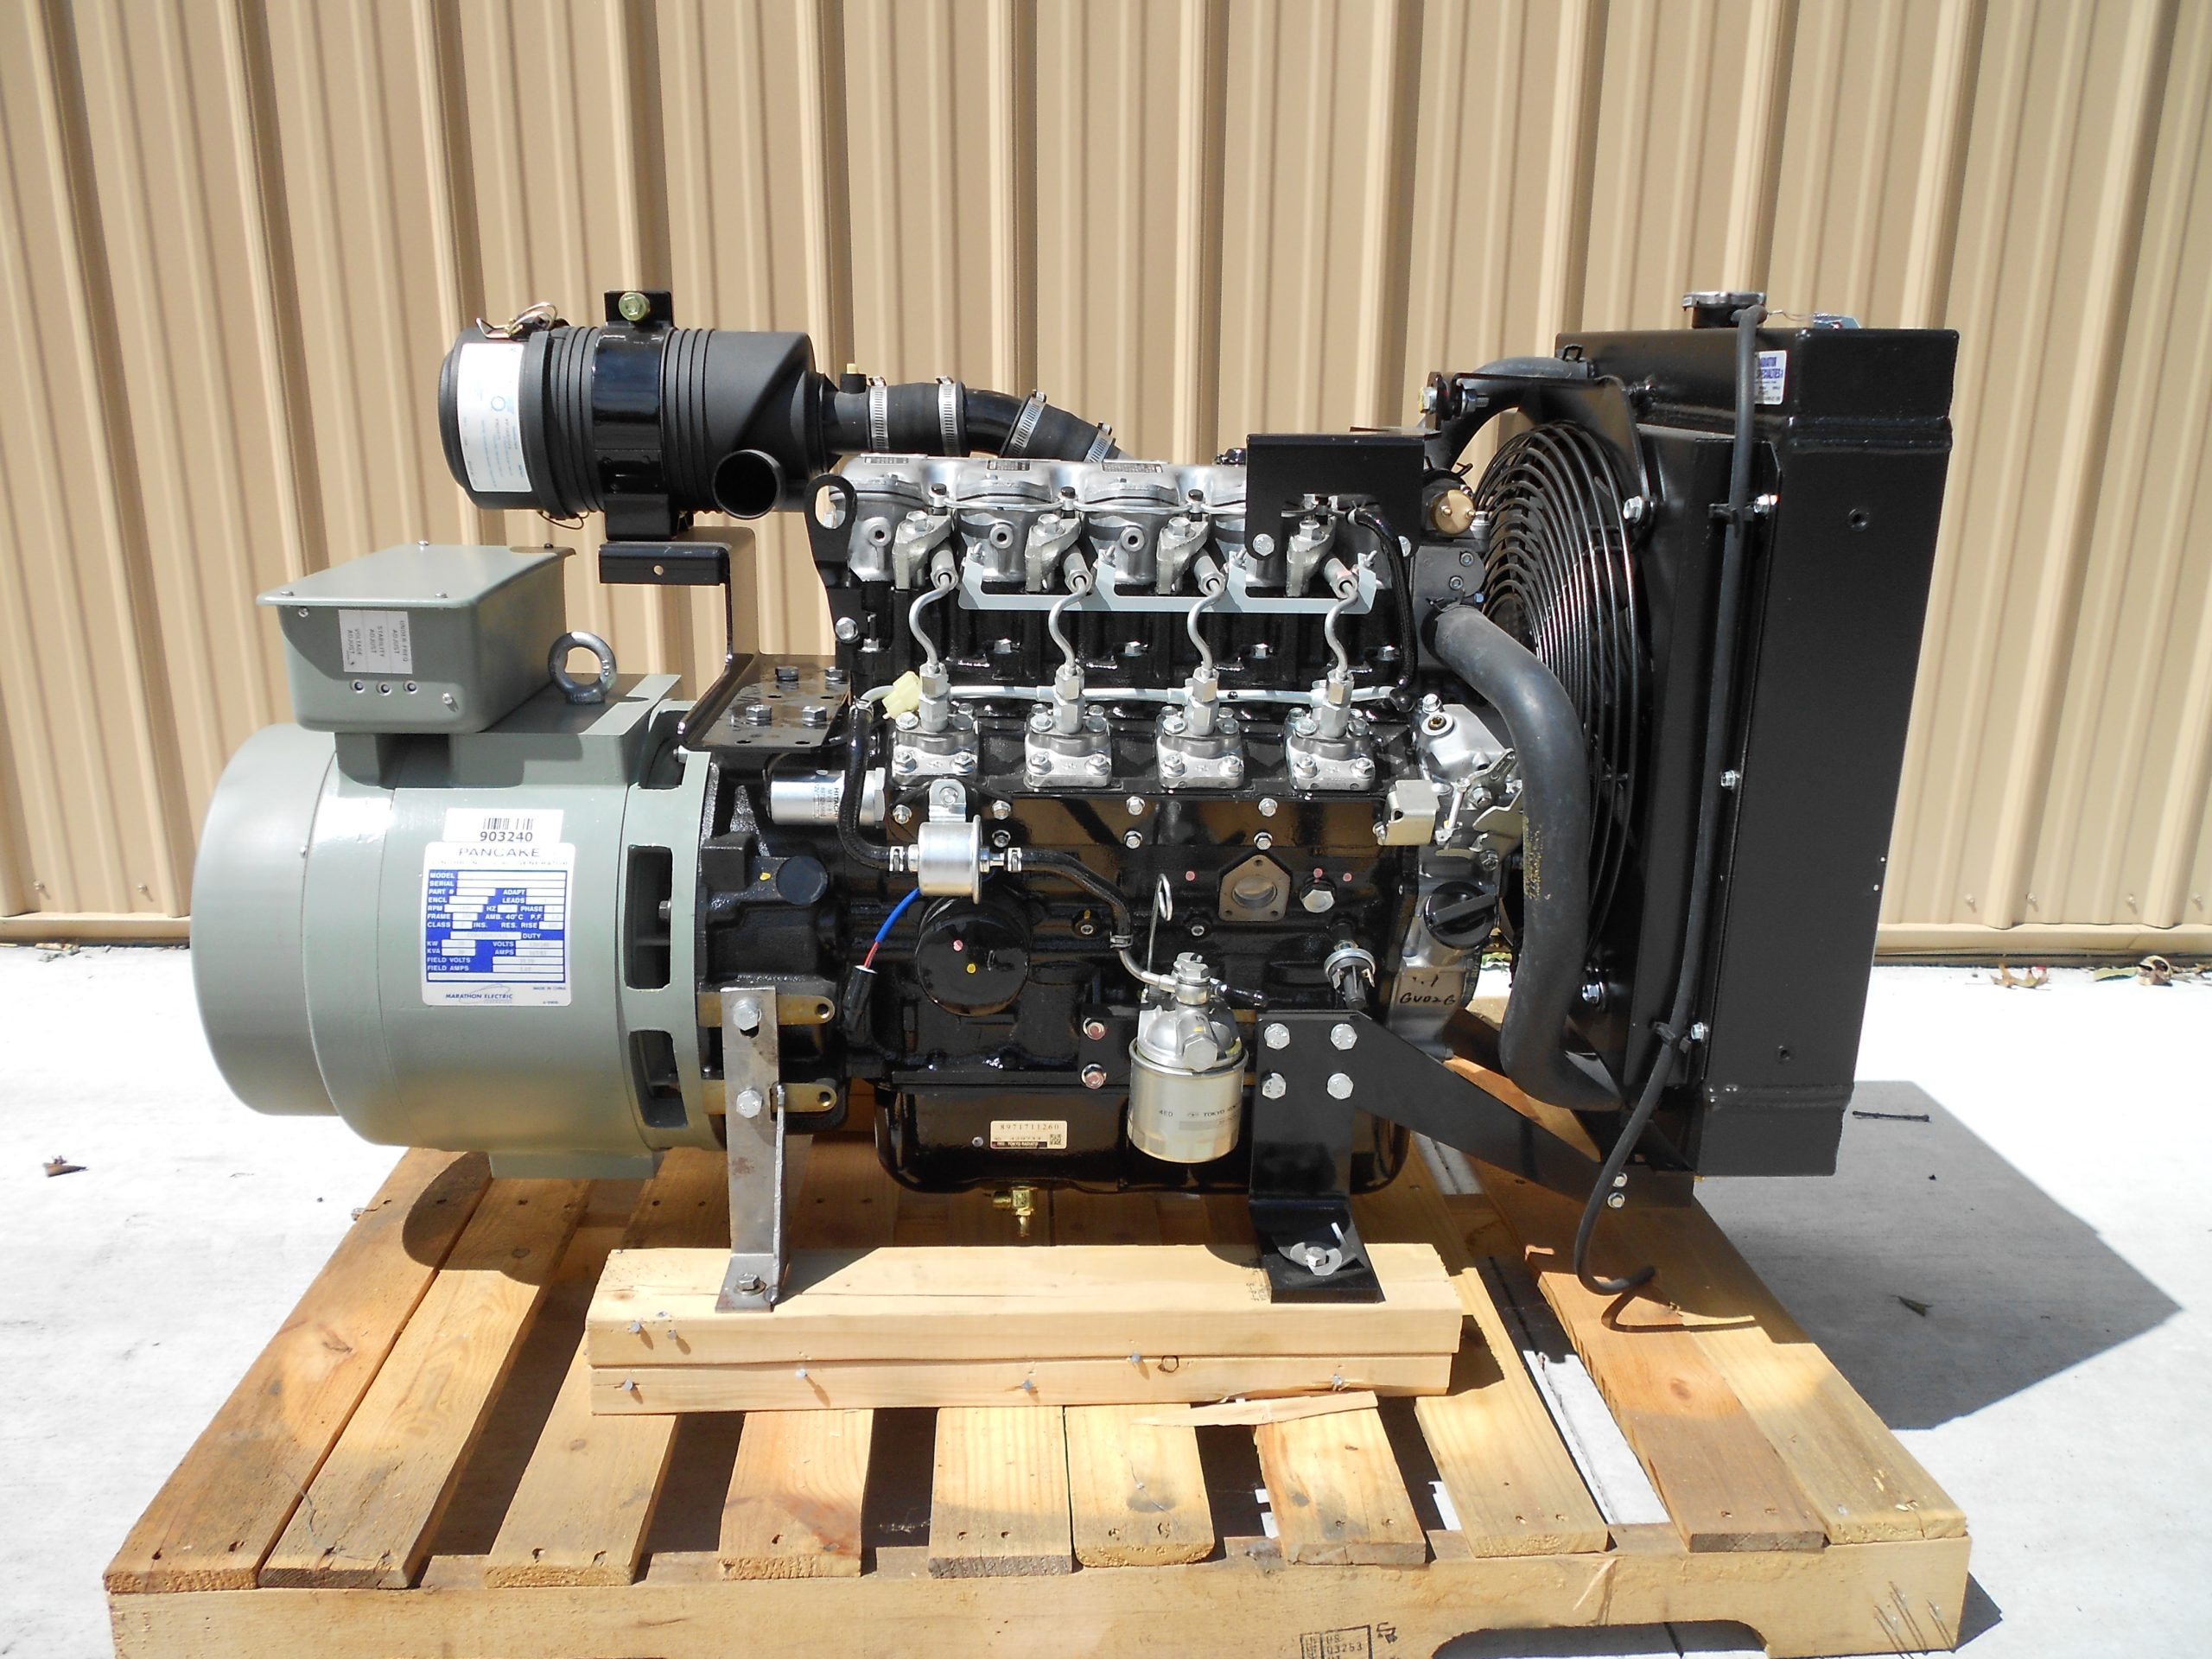 Isuzu 4LE2 w/ 20 kw single phase generator